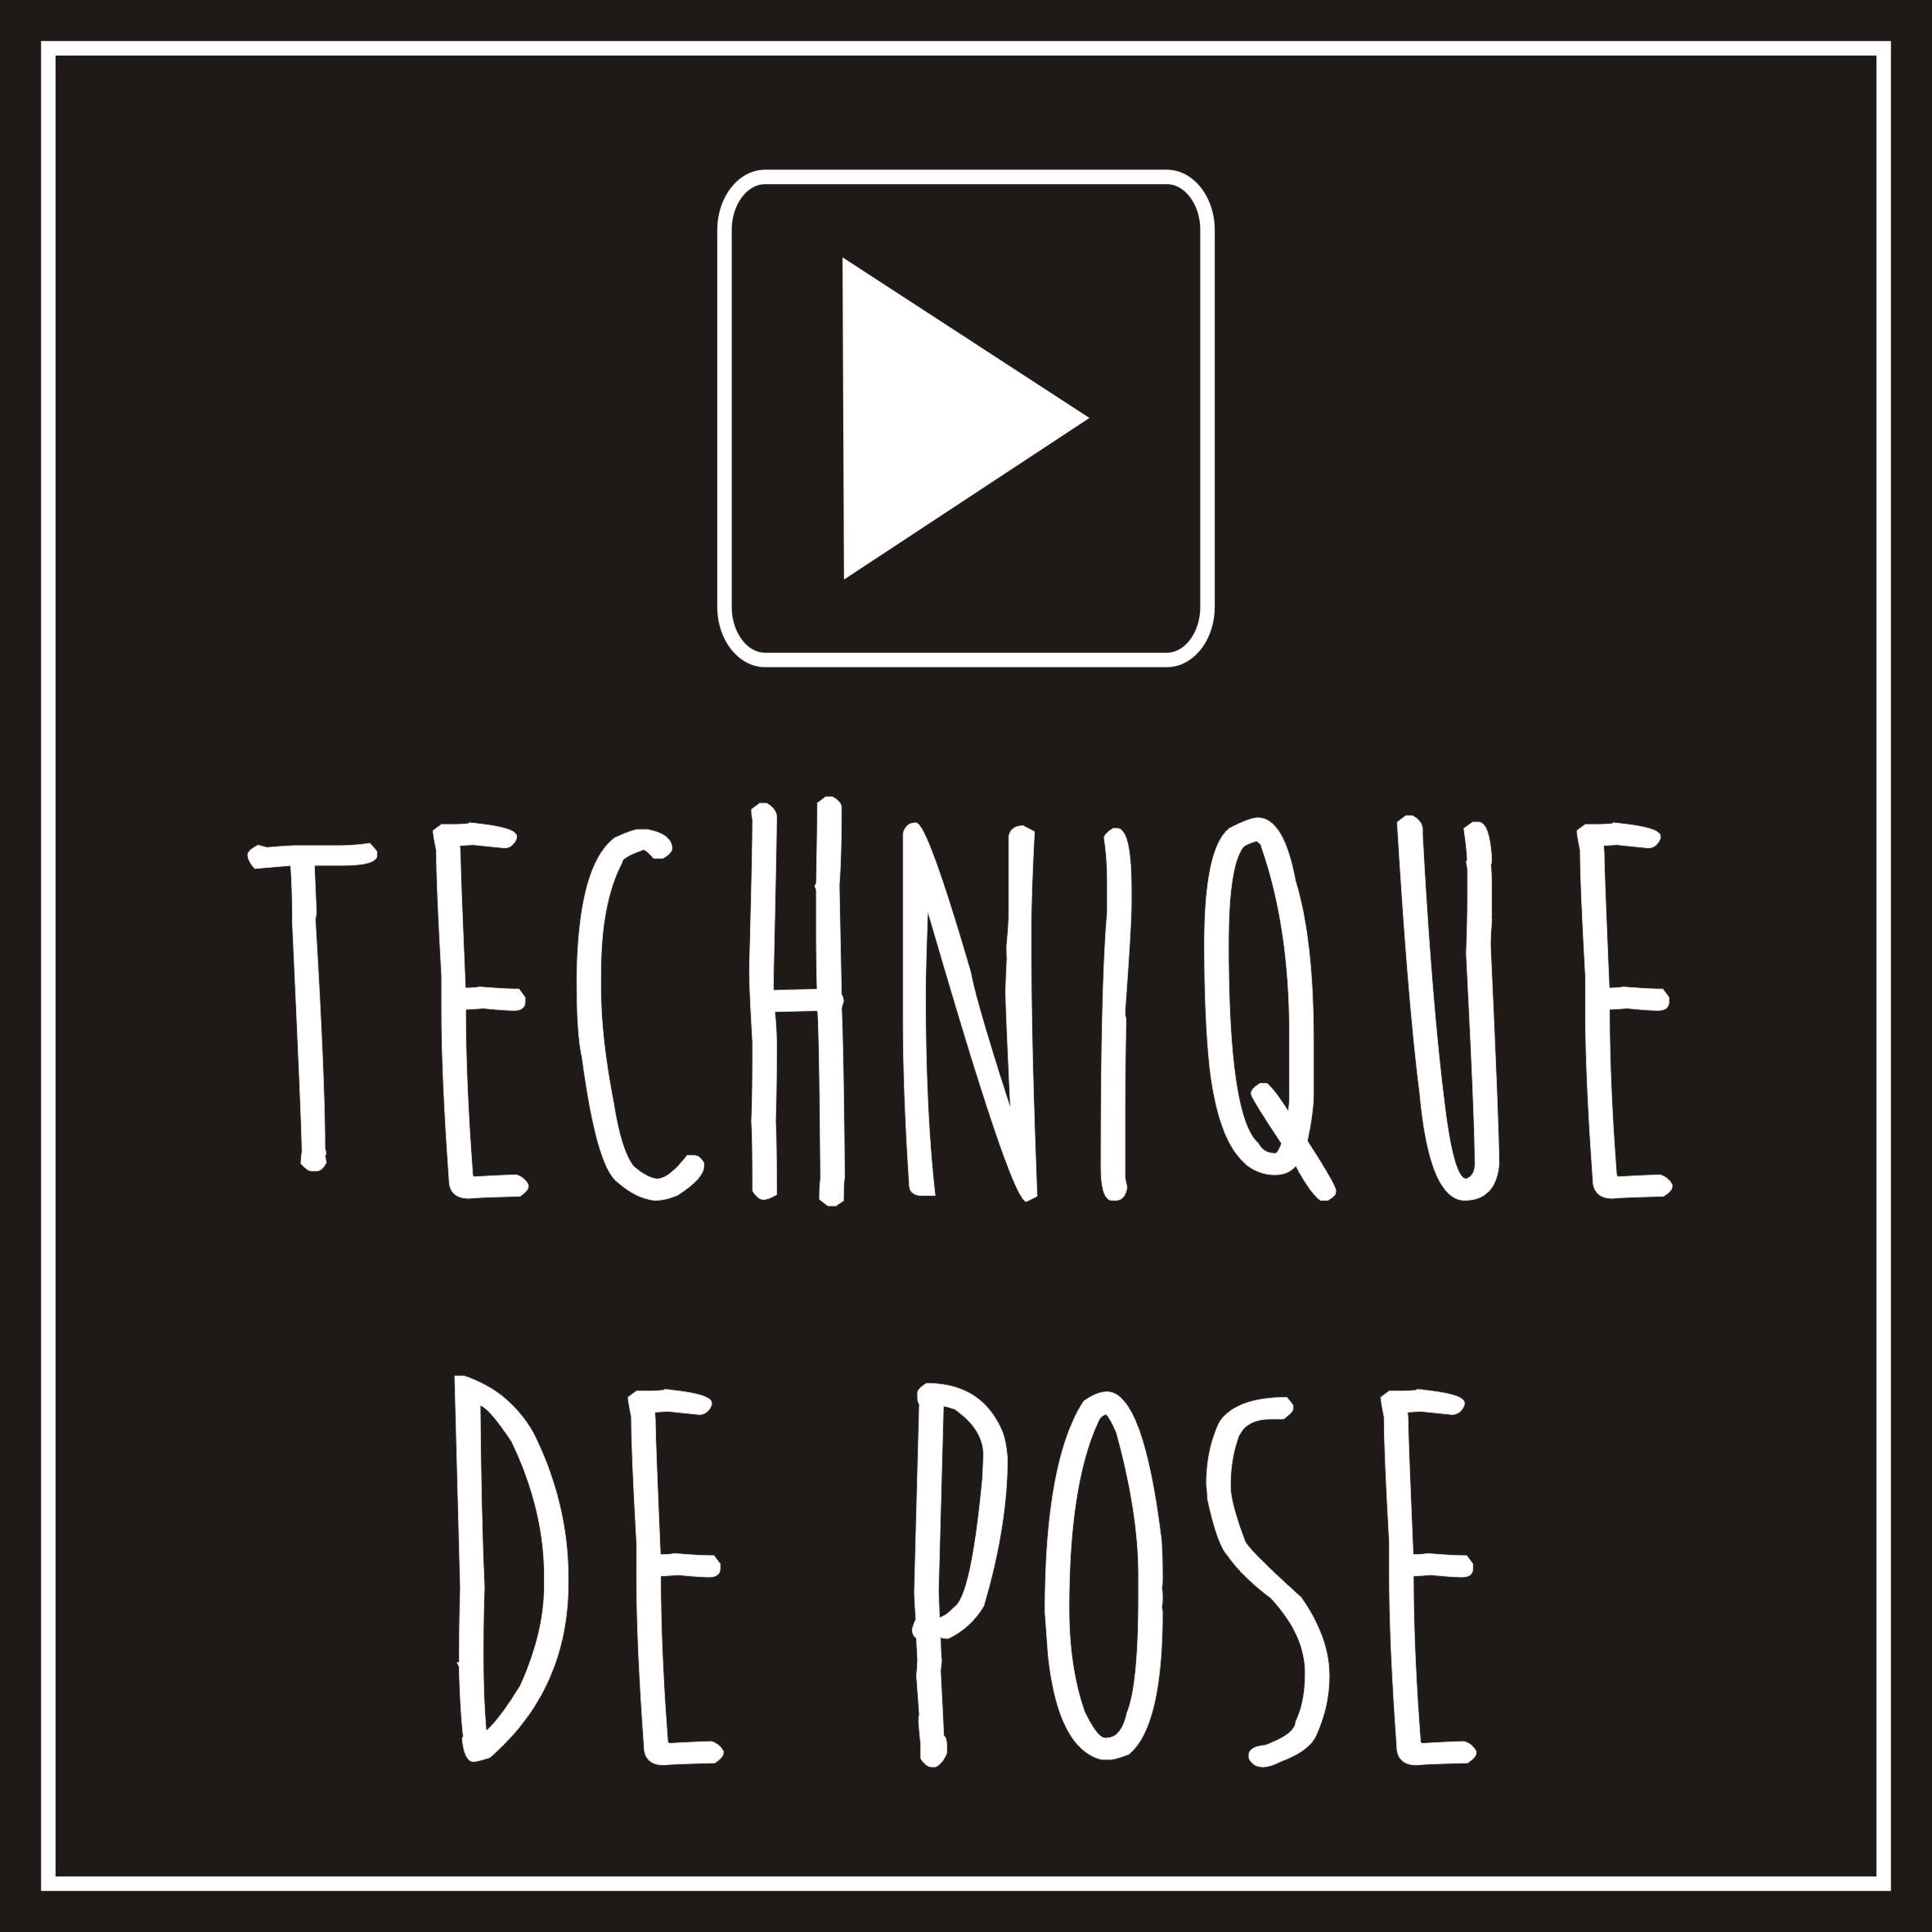 Technique de pose - Vidéo